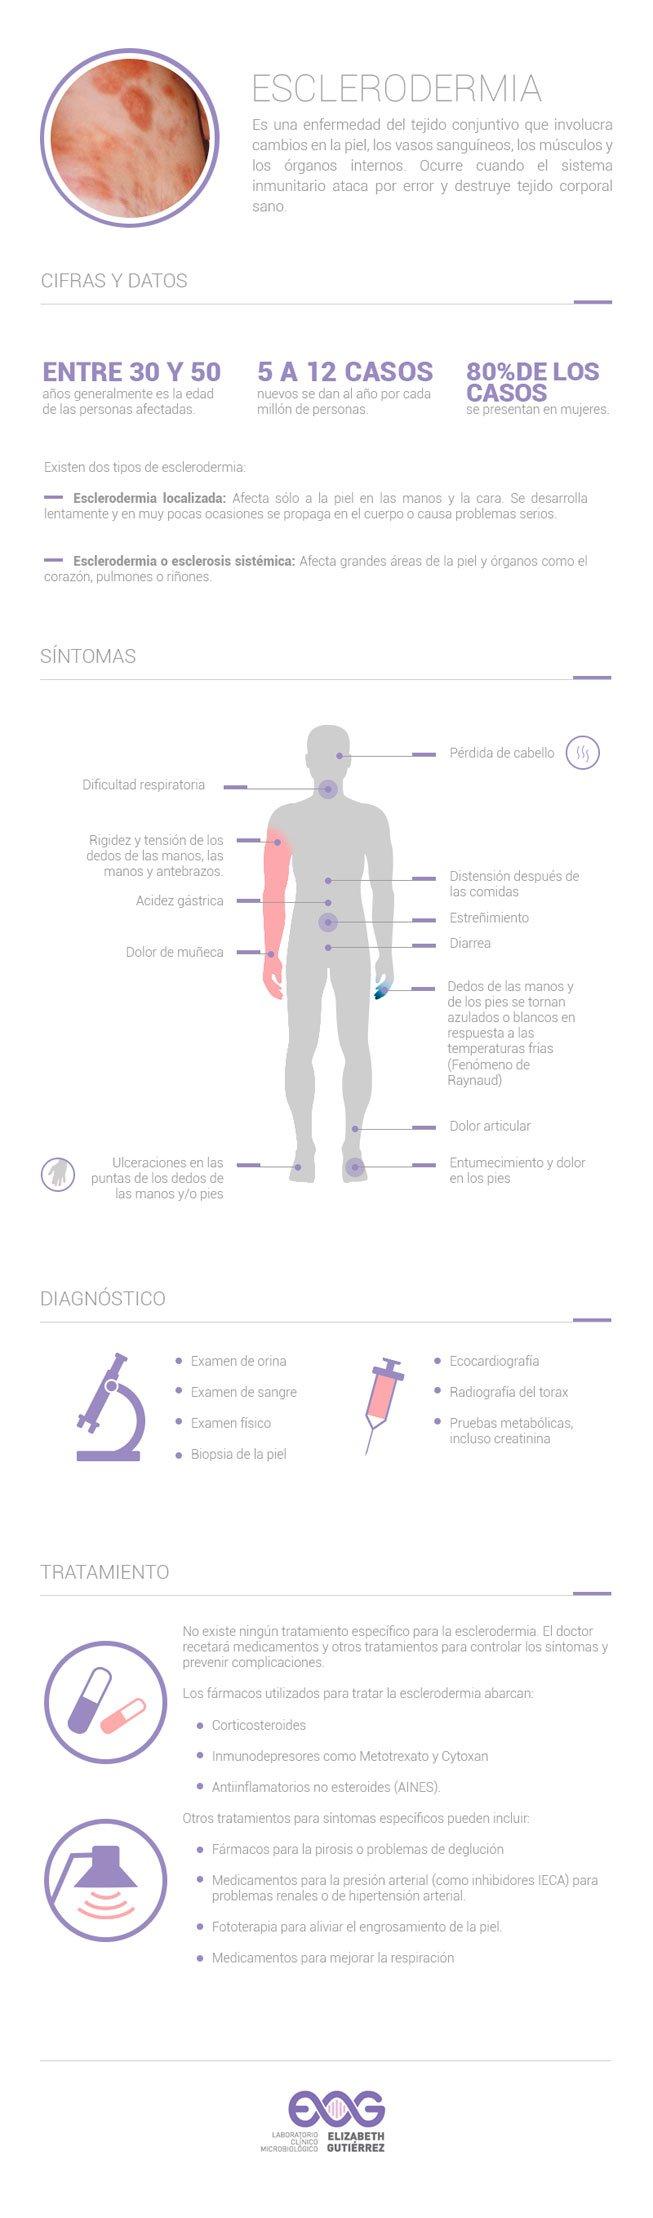 Infografía - Esclerodermia